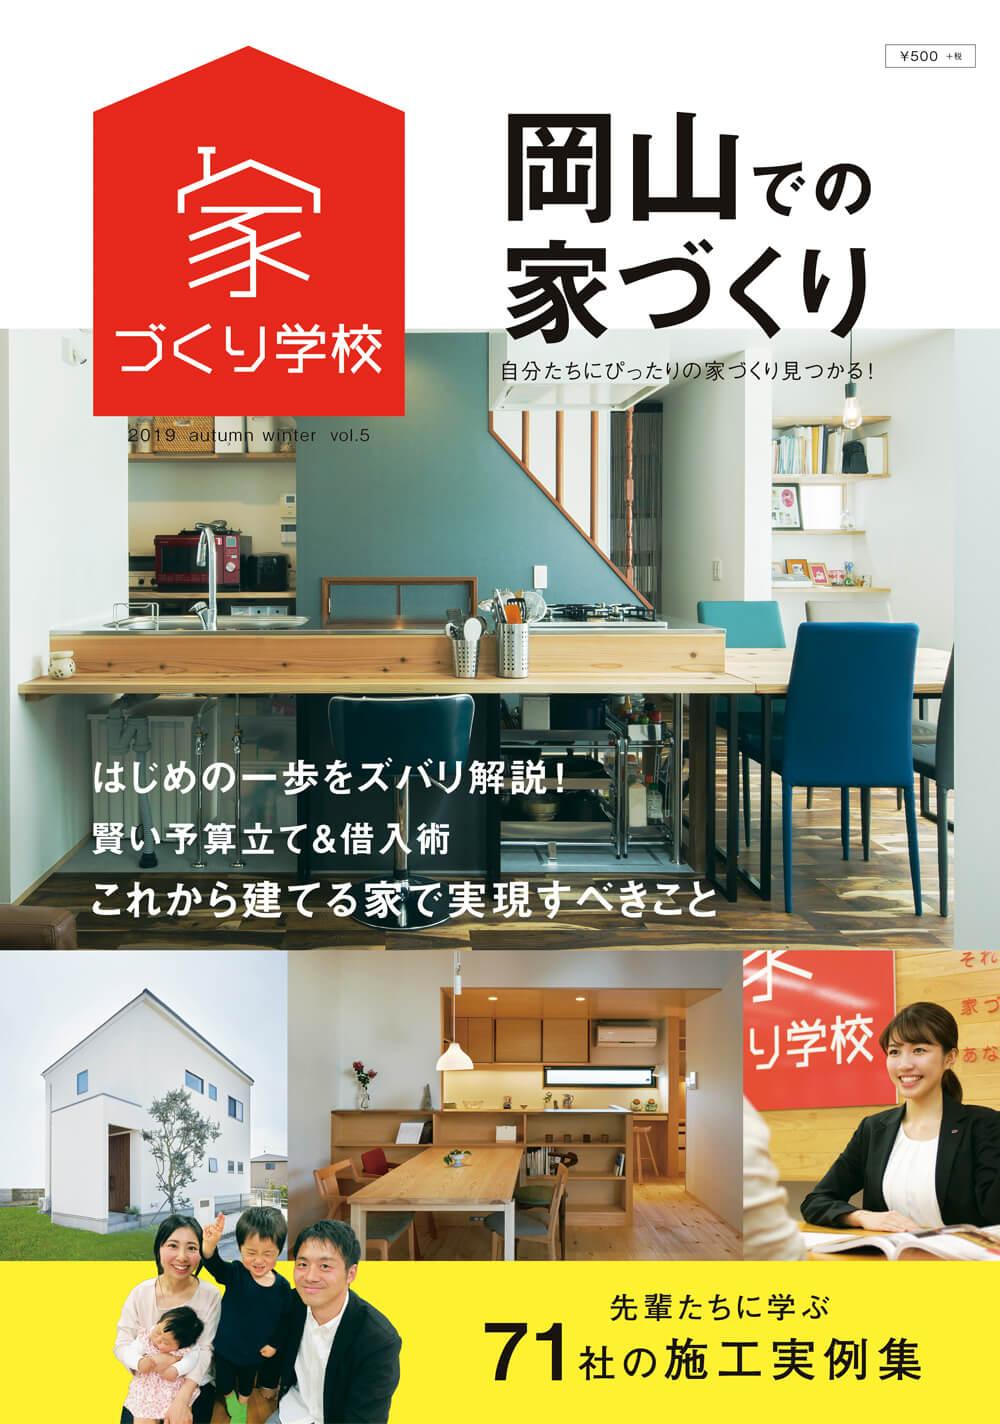 岡山の家づくりvol5にリ・ライフプロデュースの施工事例が掲載されています